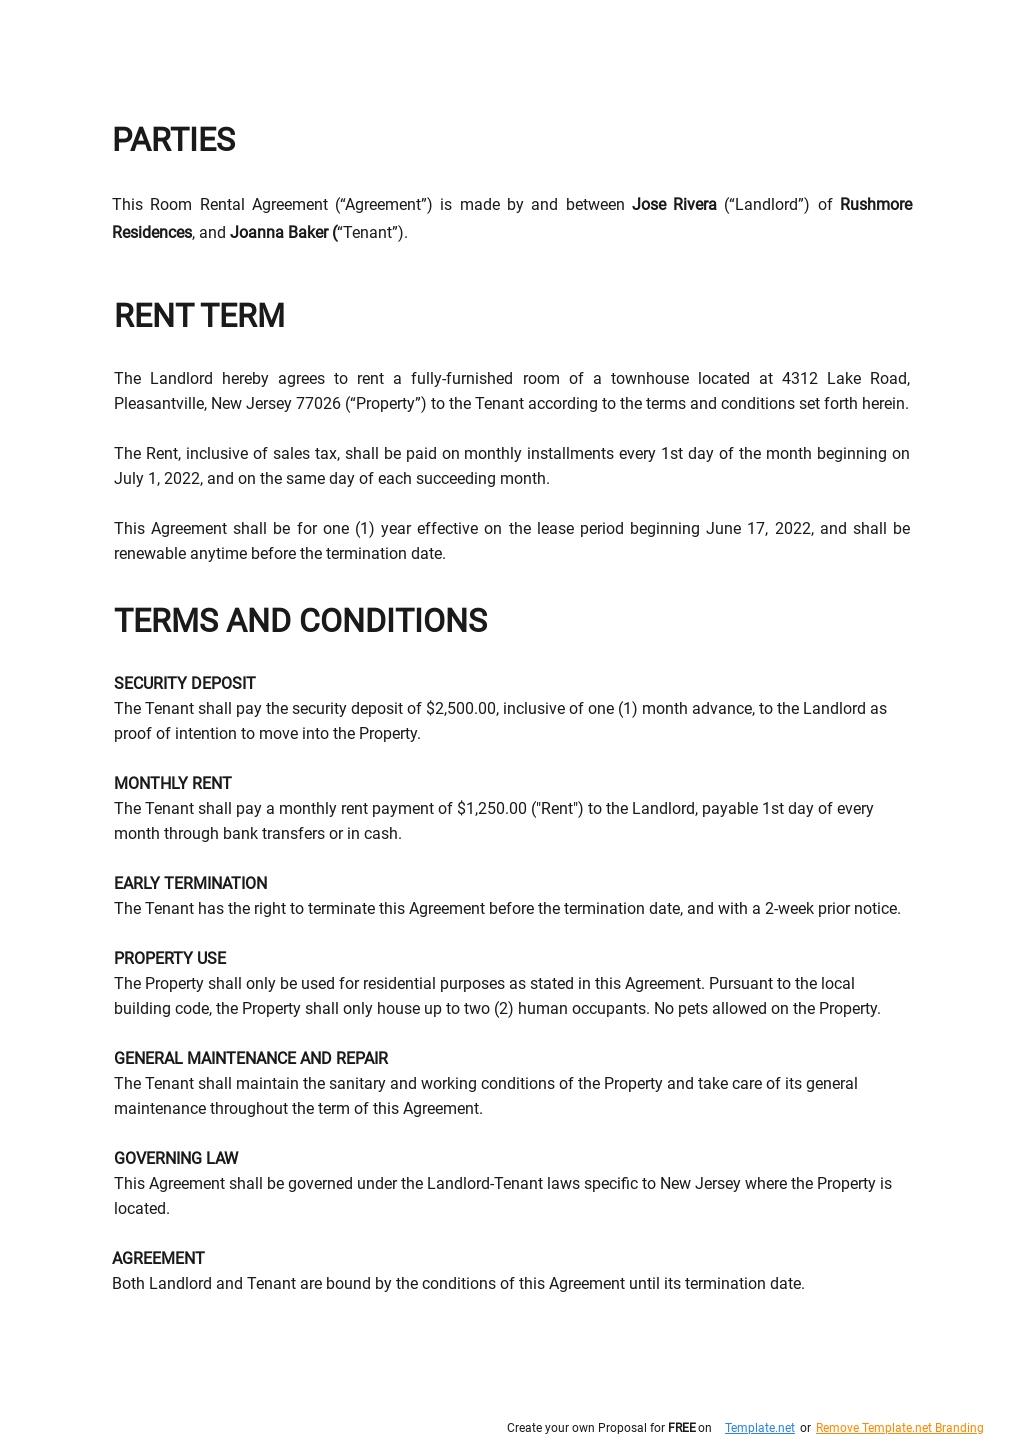 Sample Room Rental Agreement Template 1.jpe